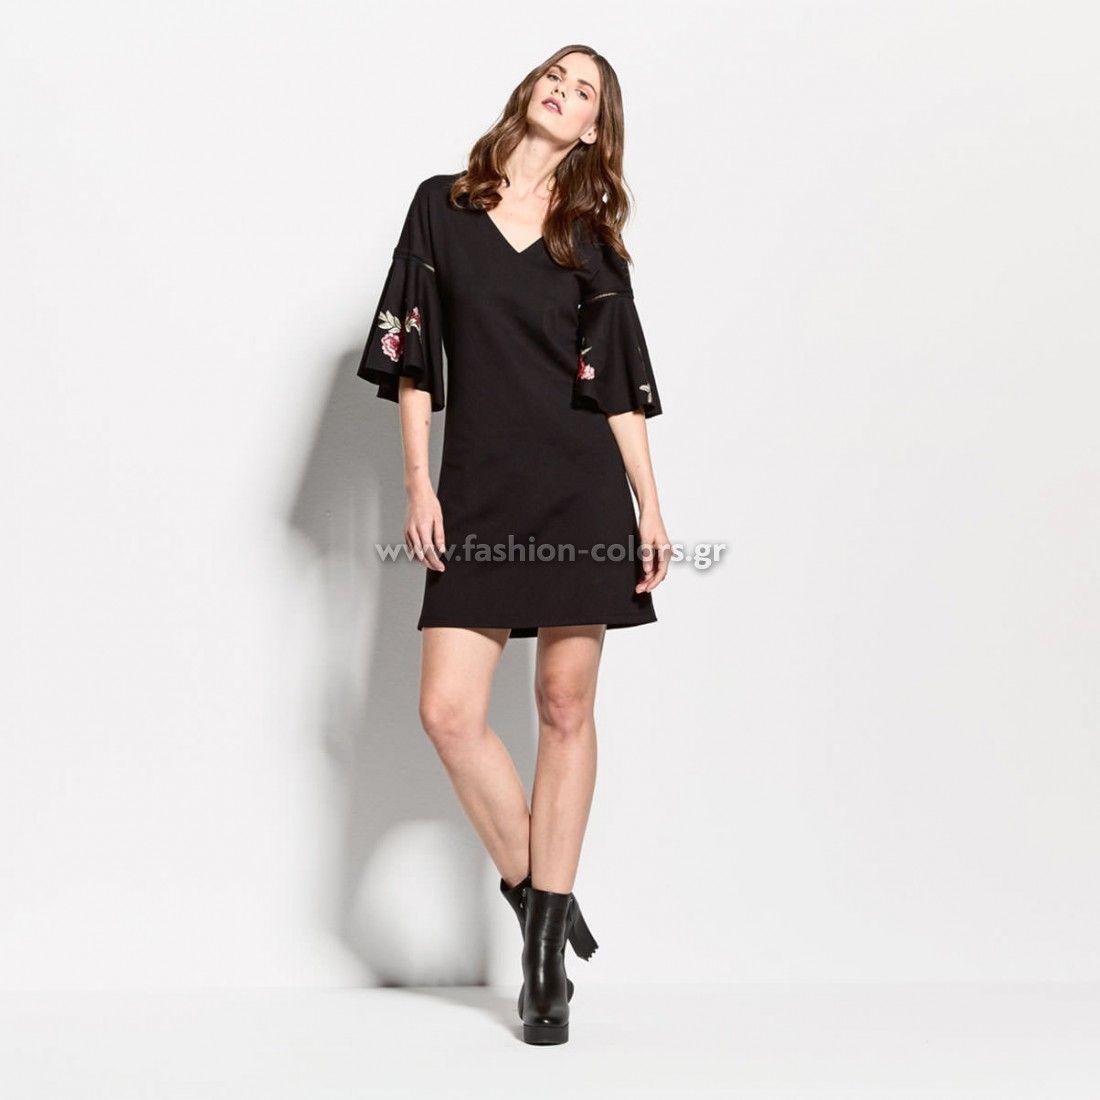 Φόρεμα με κέντημα στα μανίκια fashion-colors.gr